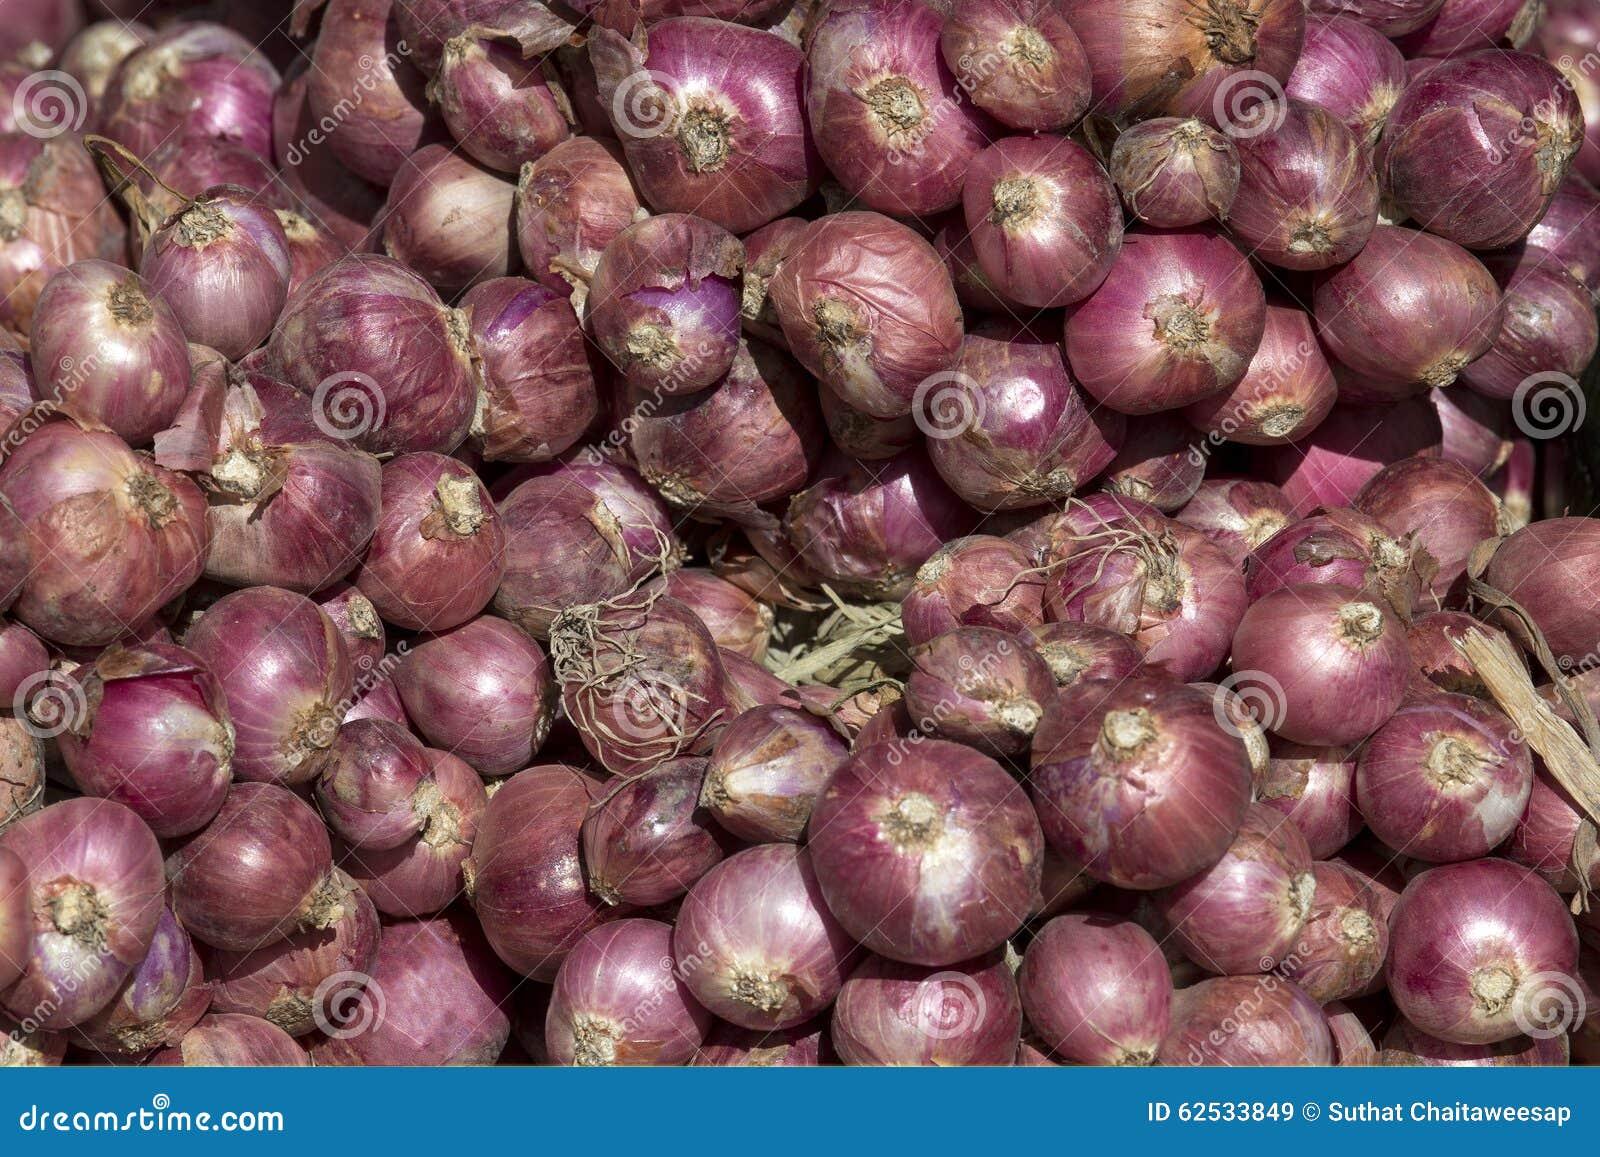 束青葱在市场上,堆红色紫色大电灯泡青葱,许多青葱